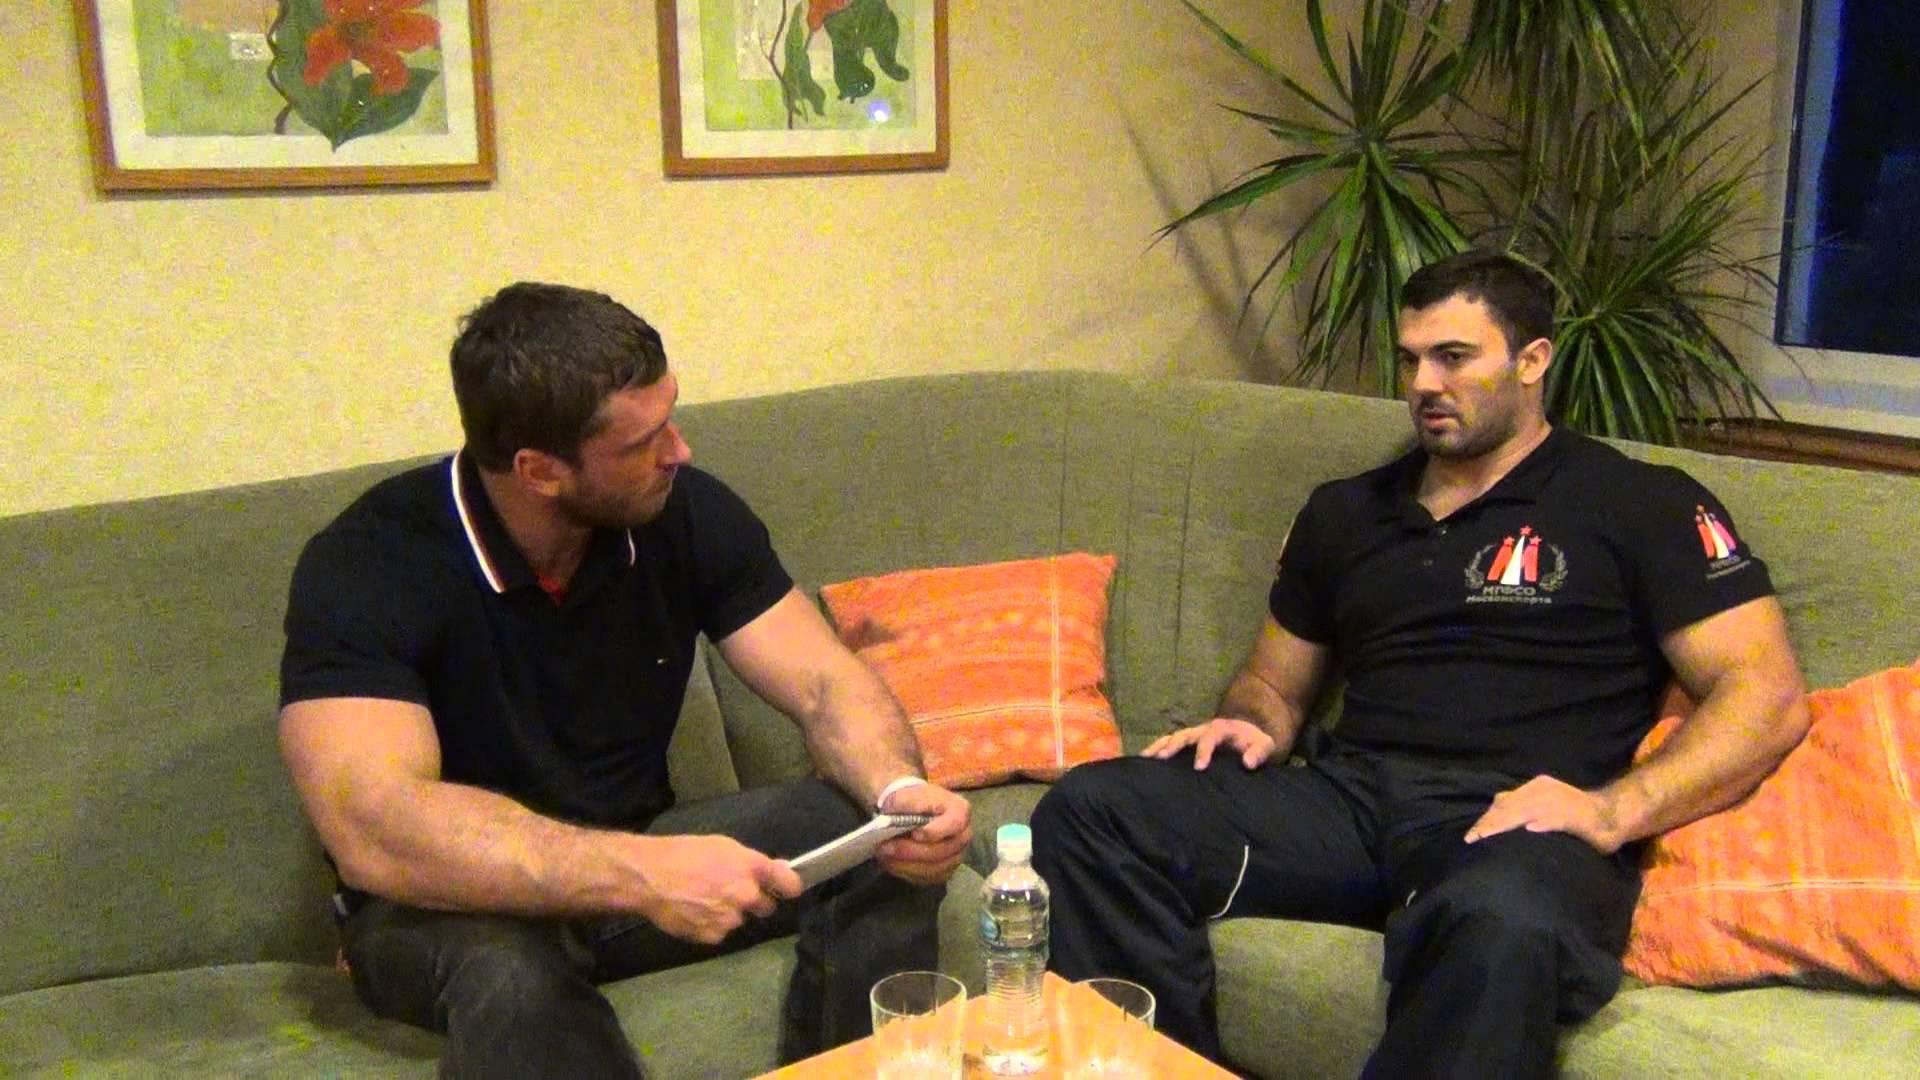 Dmitry Klokov Interviews Dmitry Berestov - All Things Gym